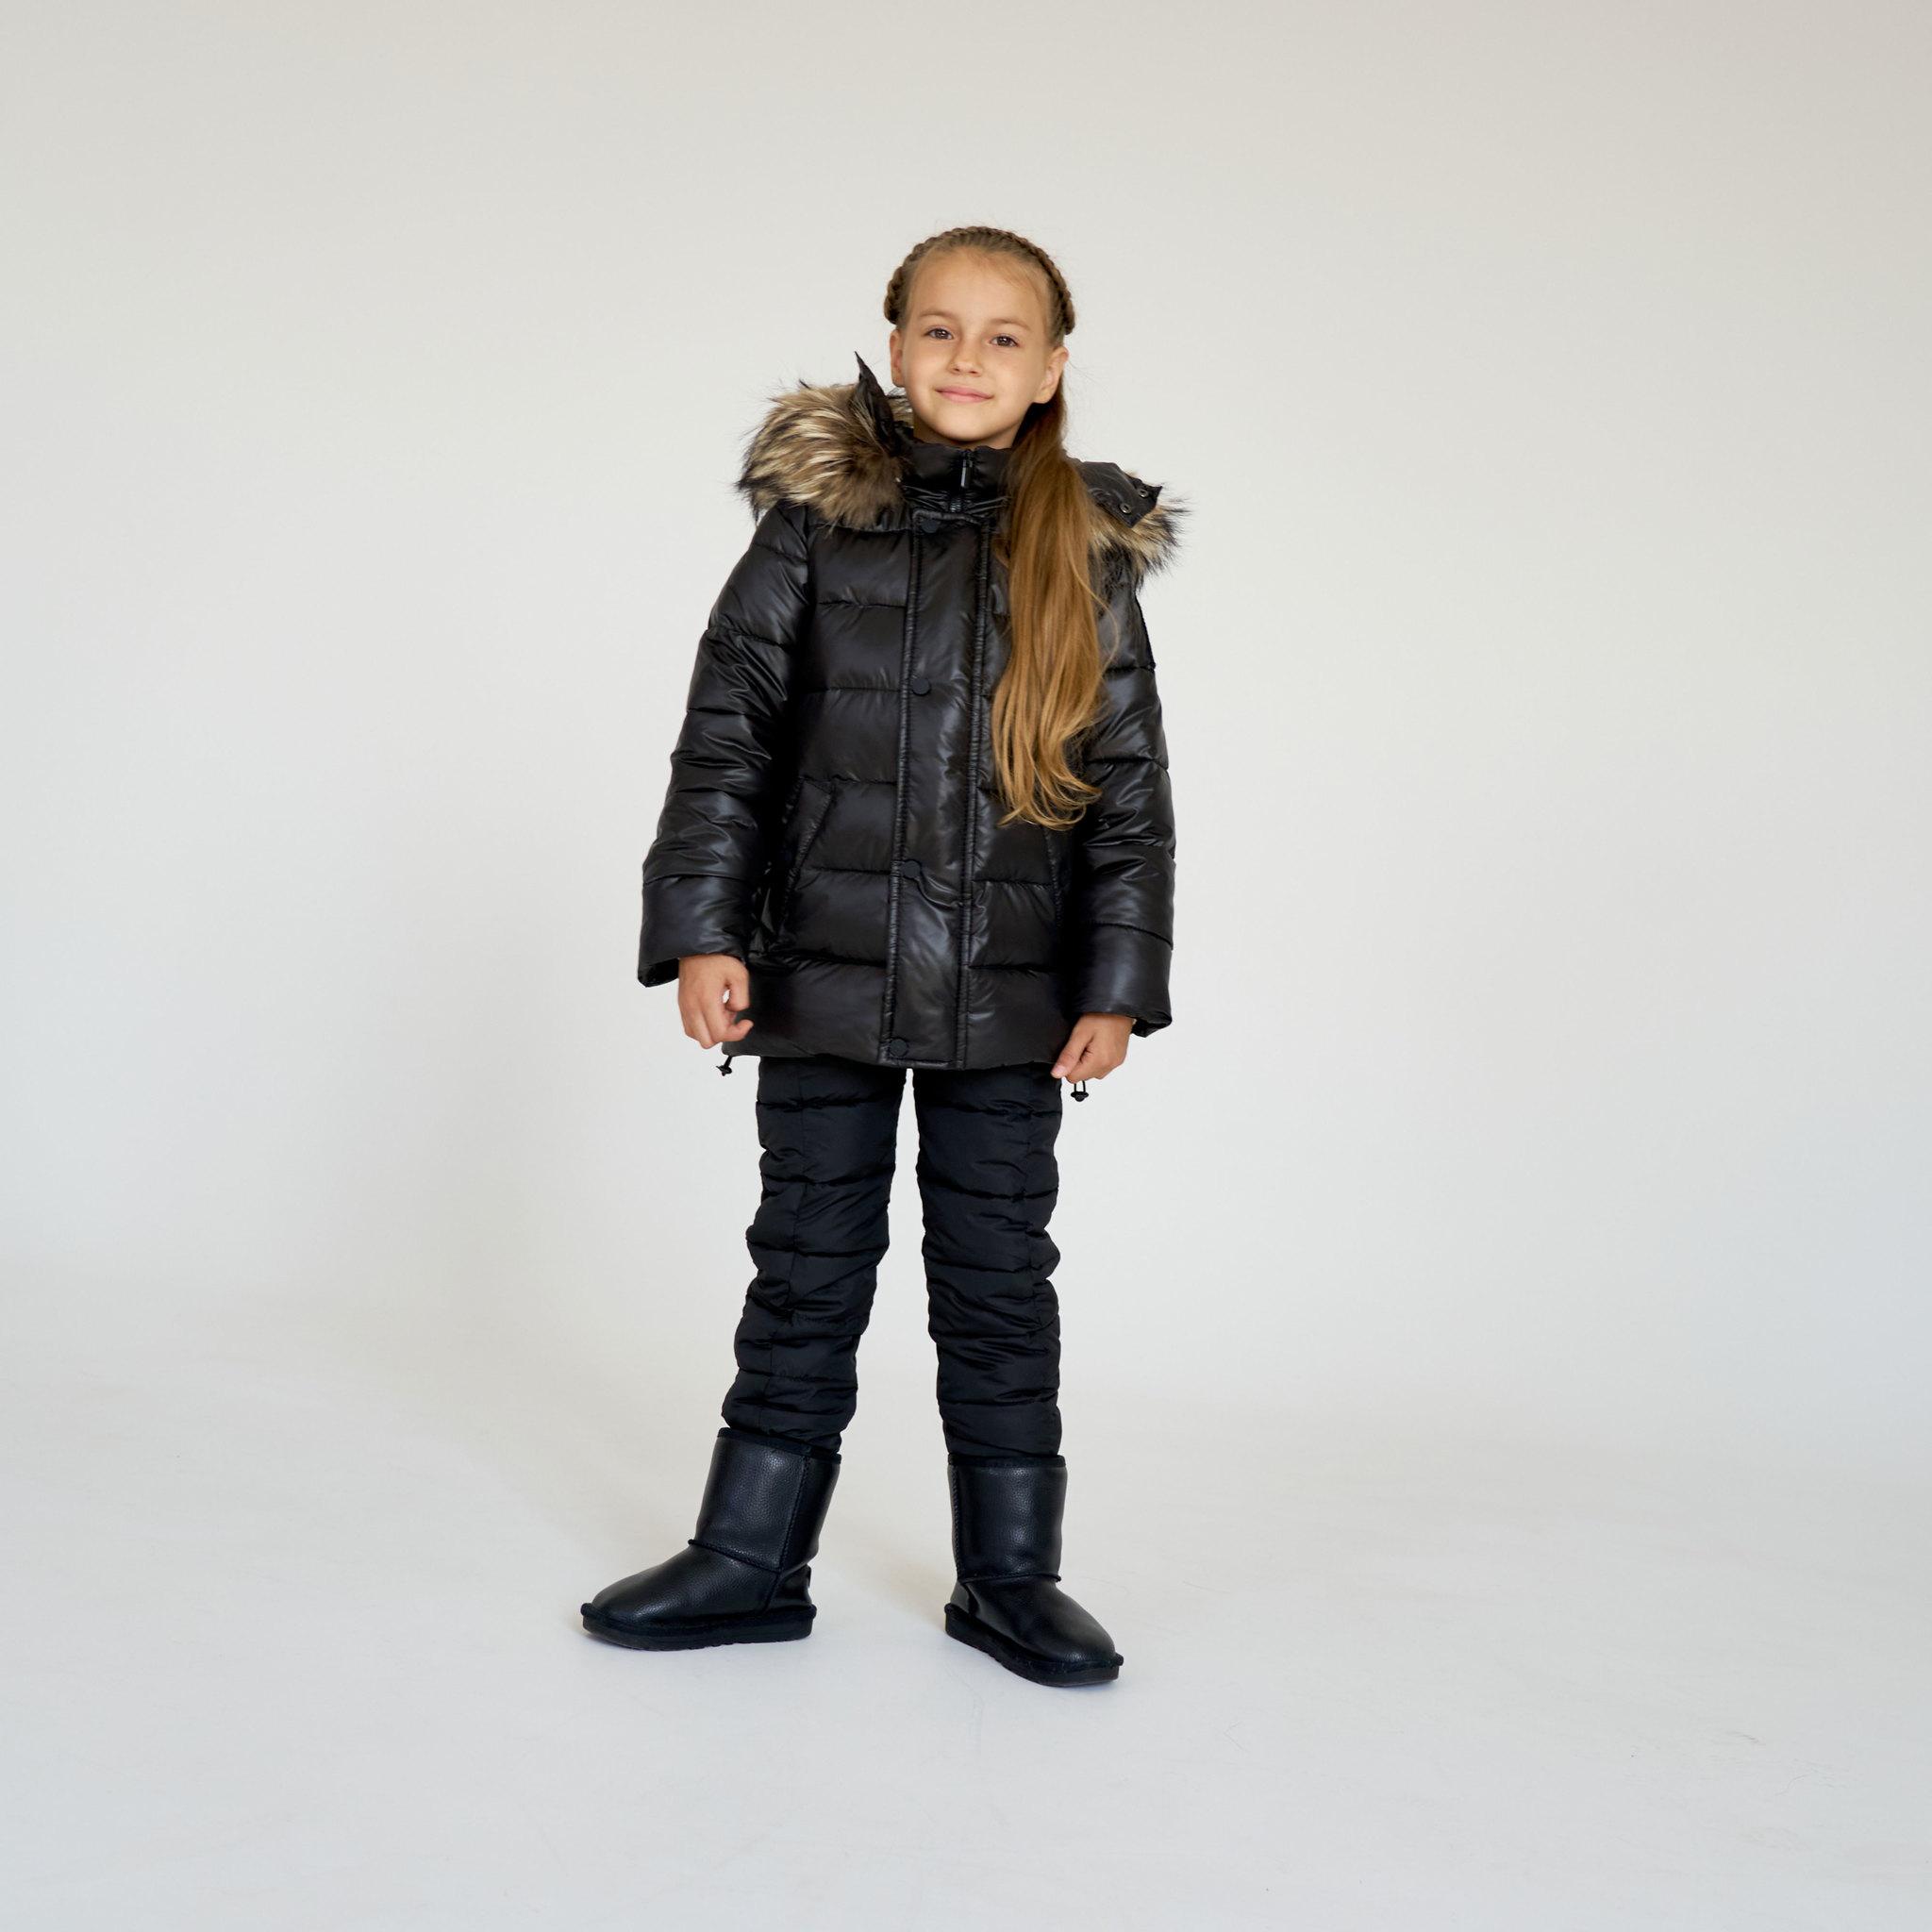 Детский зимний костюм с натуральной опушкой в черном цвете для девочки